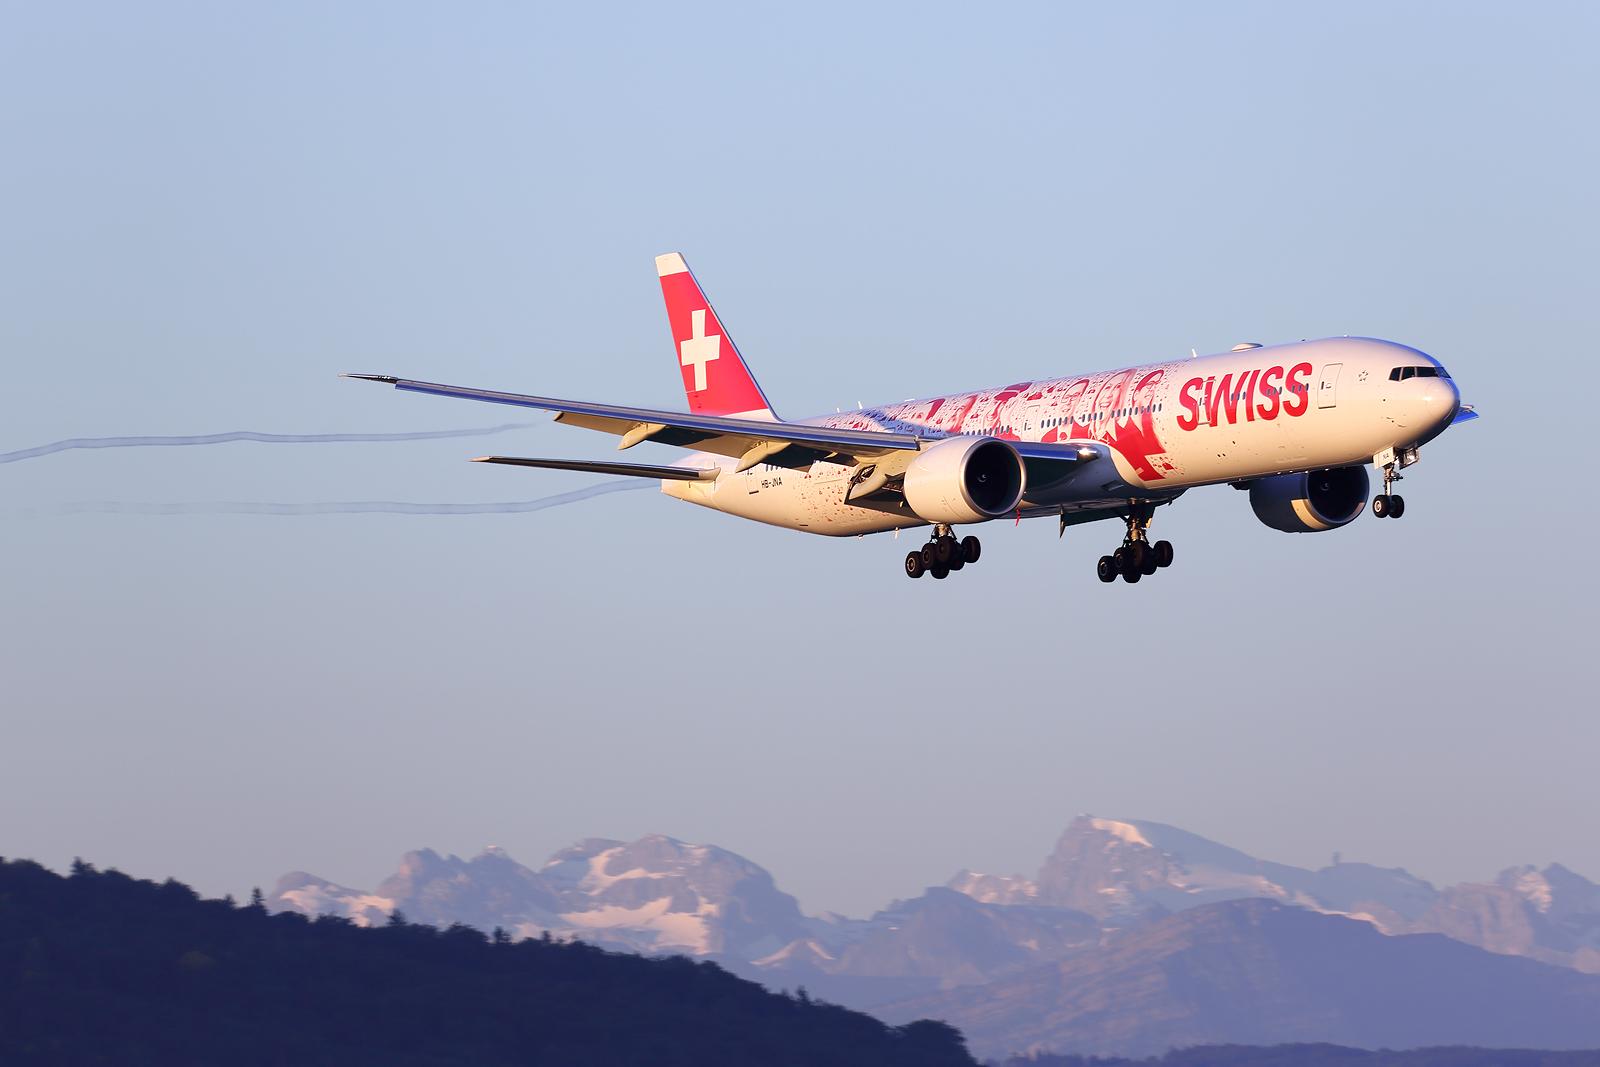 Faces of Switzerland HB-JNA, Swiss Boeing 777, Zürich-Kloten, Switzerland